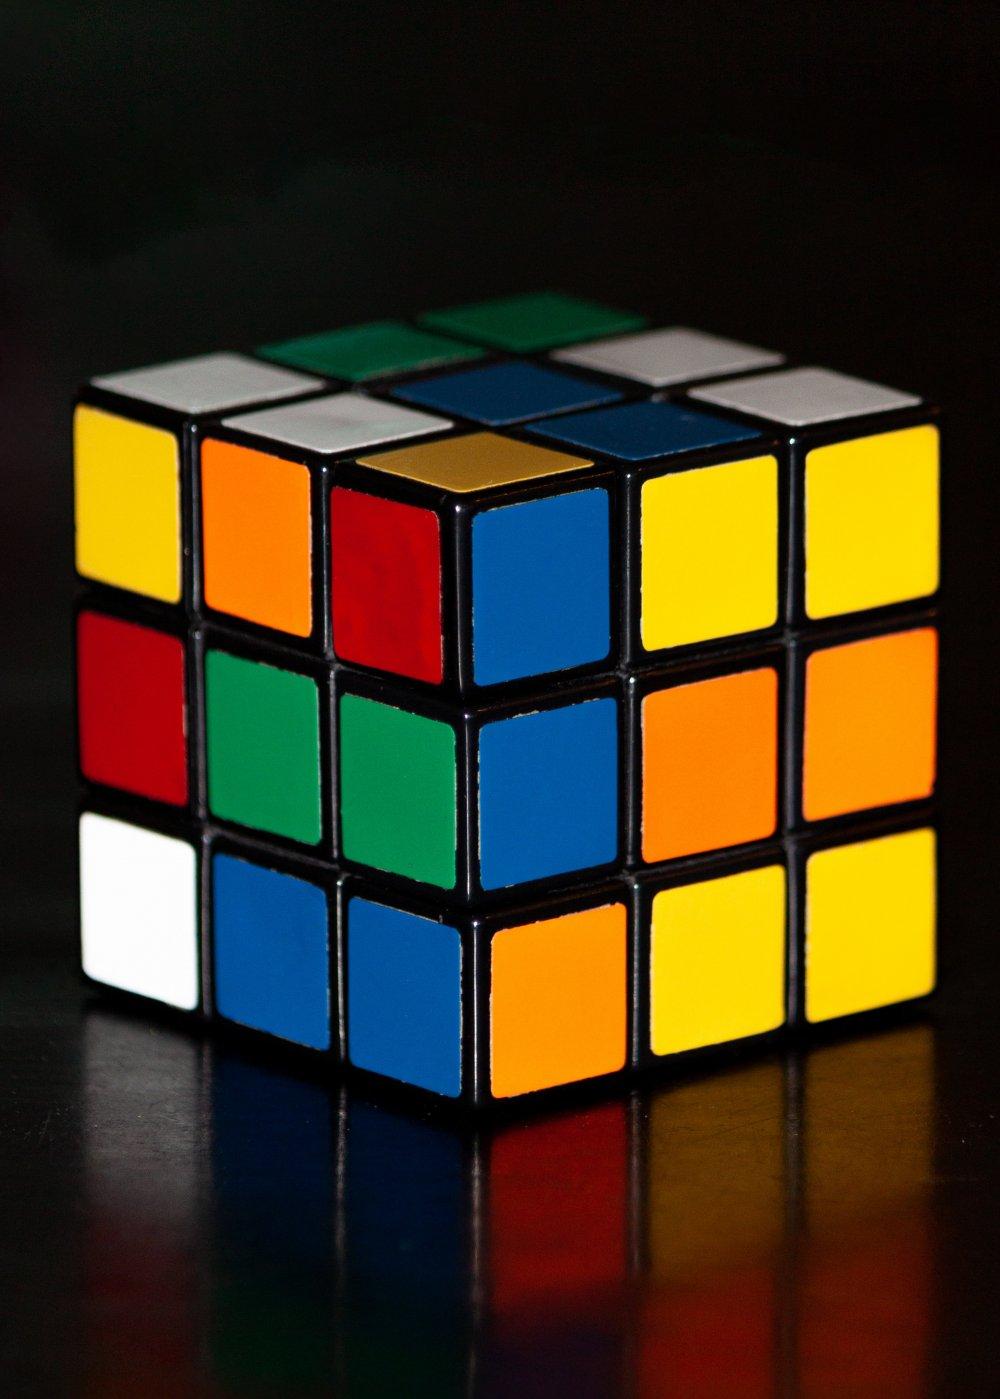 Vem kan lösa Rubiks kub?